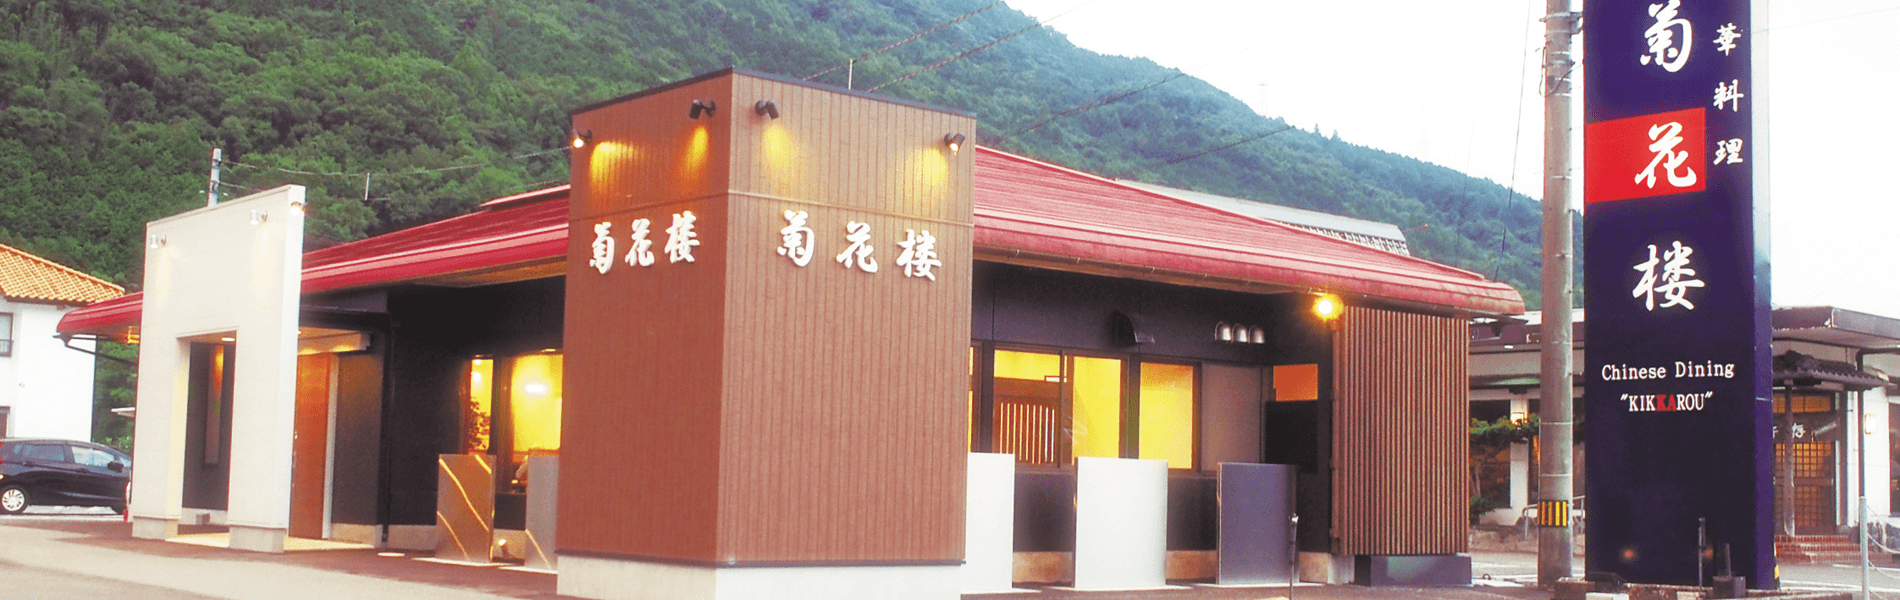 菊花楼の外観